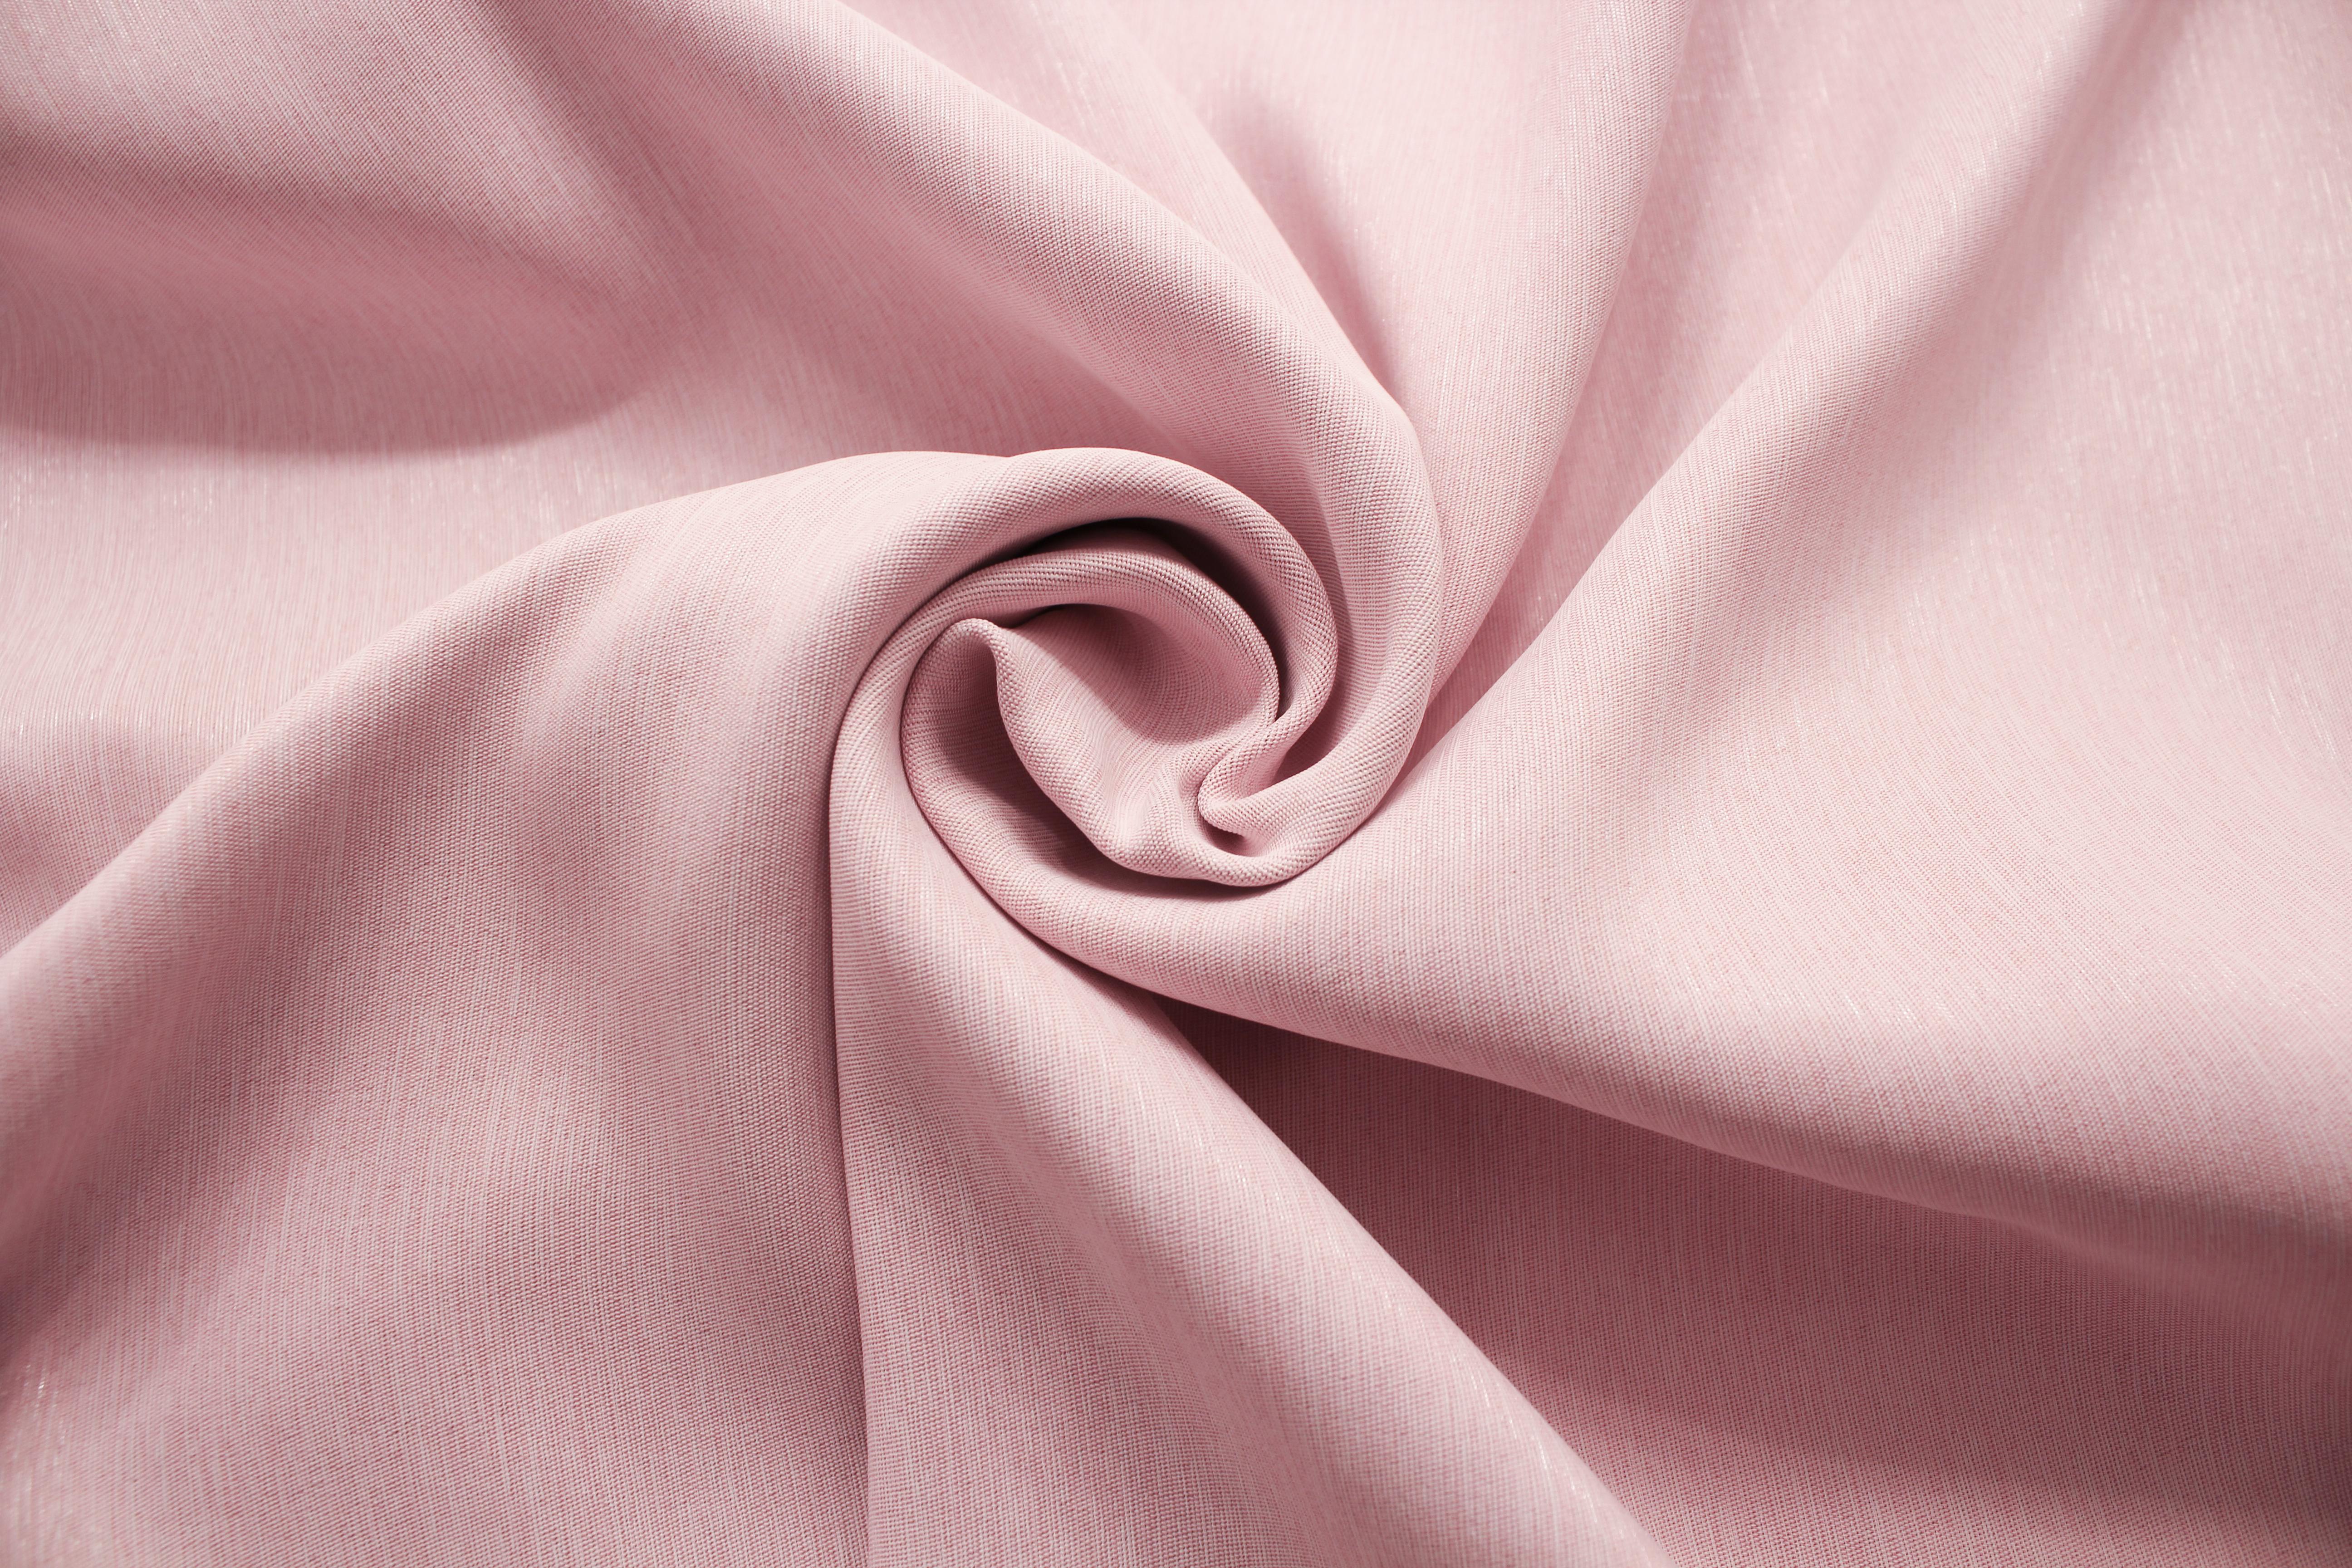 Купить Ткани TexRepublic, Материал Blackout Good Night Цвет: Розовый, Китай